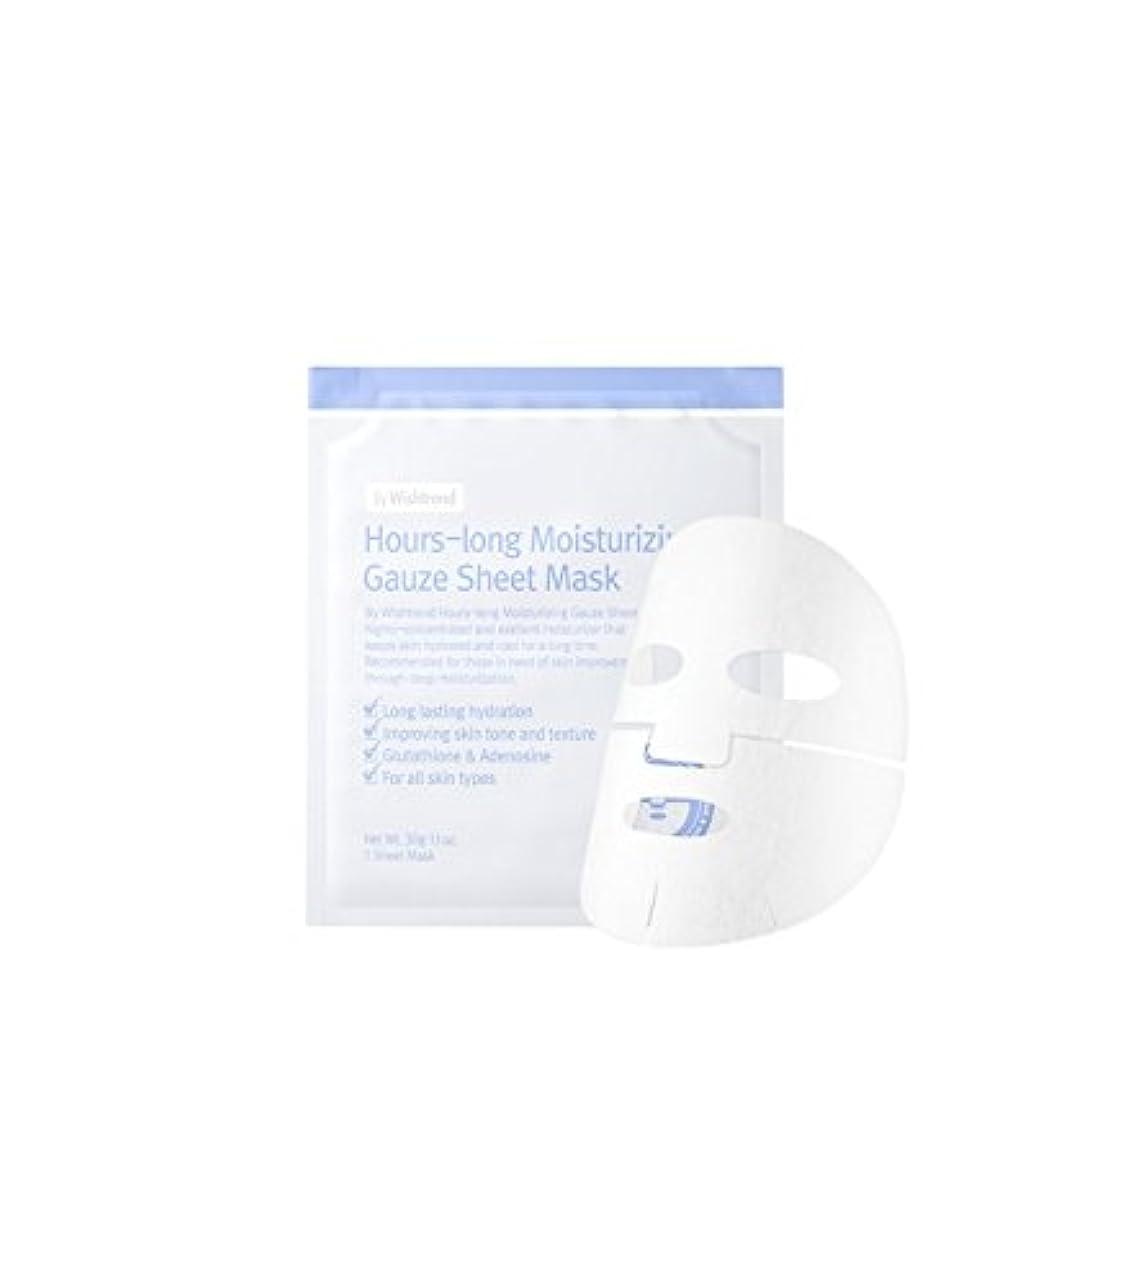 血色の良い写真の収まるBY WISHTREND(バイウィッシュトレンド) アワーズロングモイスチャーライジングガーゼシートマスク10枚, Hours-Long Moisturizing Gauze Sheet Mask 30g [並行輸入品]